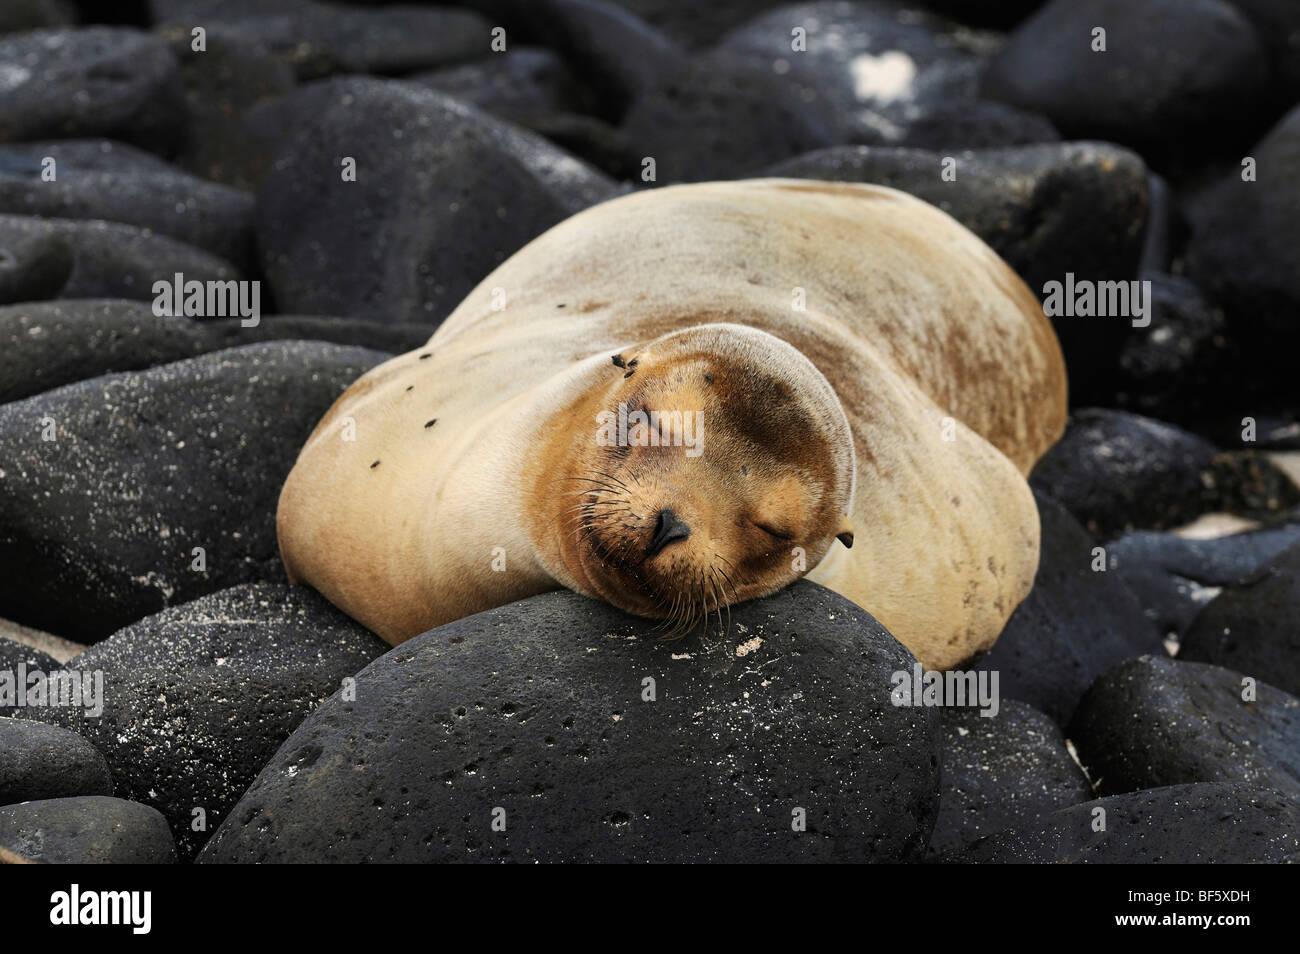 Lion de mer Galapagos (Zalophus wollebaeki), adulte à la plage, l'île d'Espanola, Galapagos, Equateur, Photo Stock